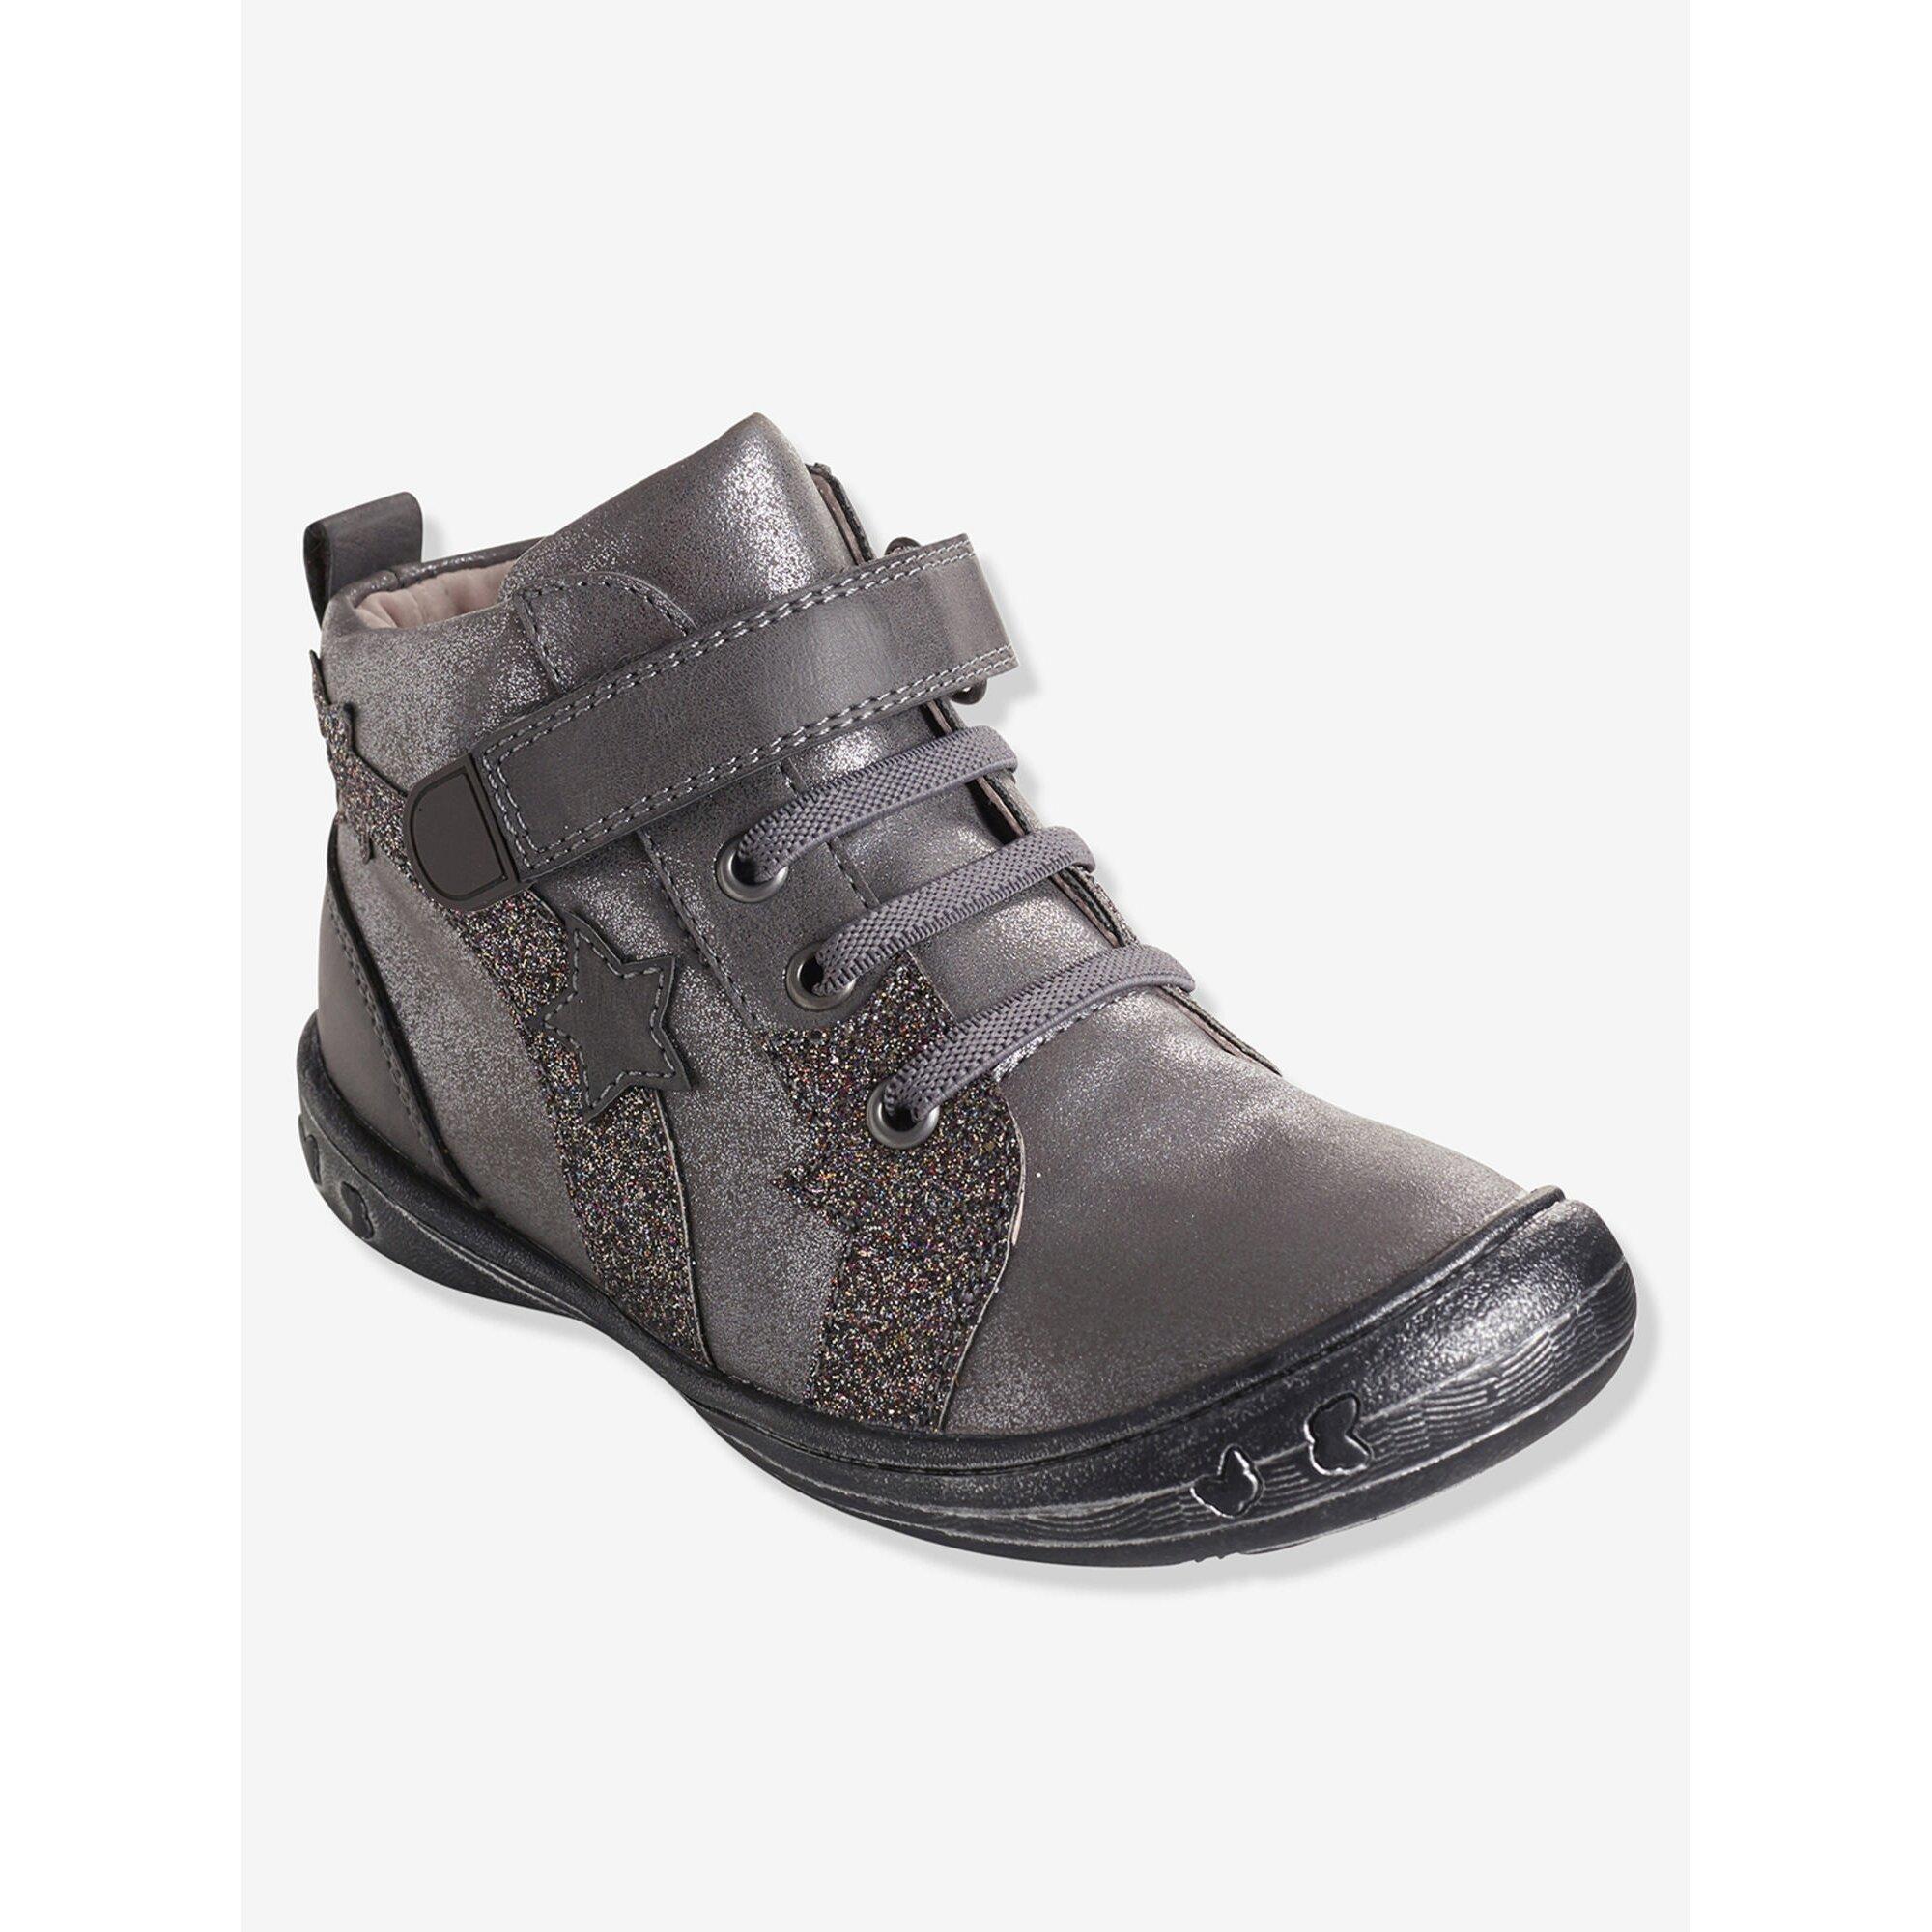 vertbaudet-boots-fur-madchen-mit-anziehtrick, 39.99 EUR @ babywalz-de